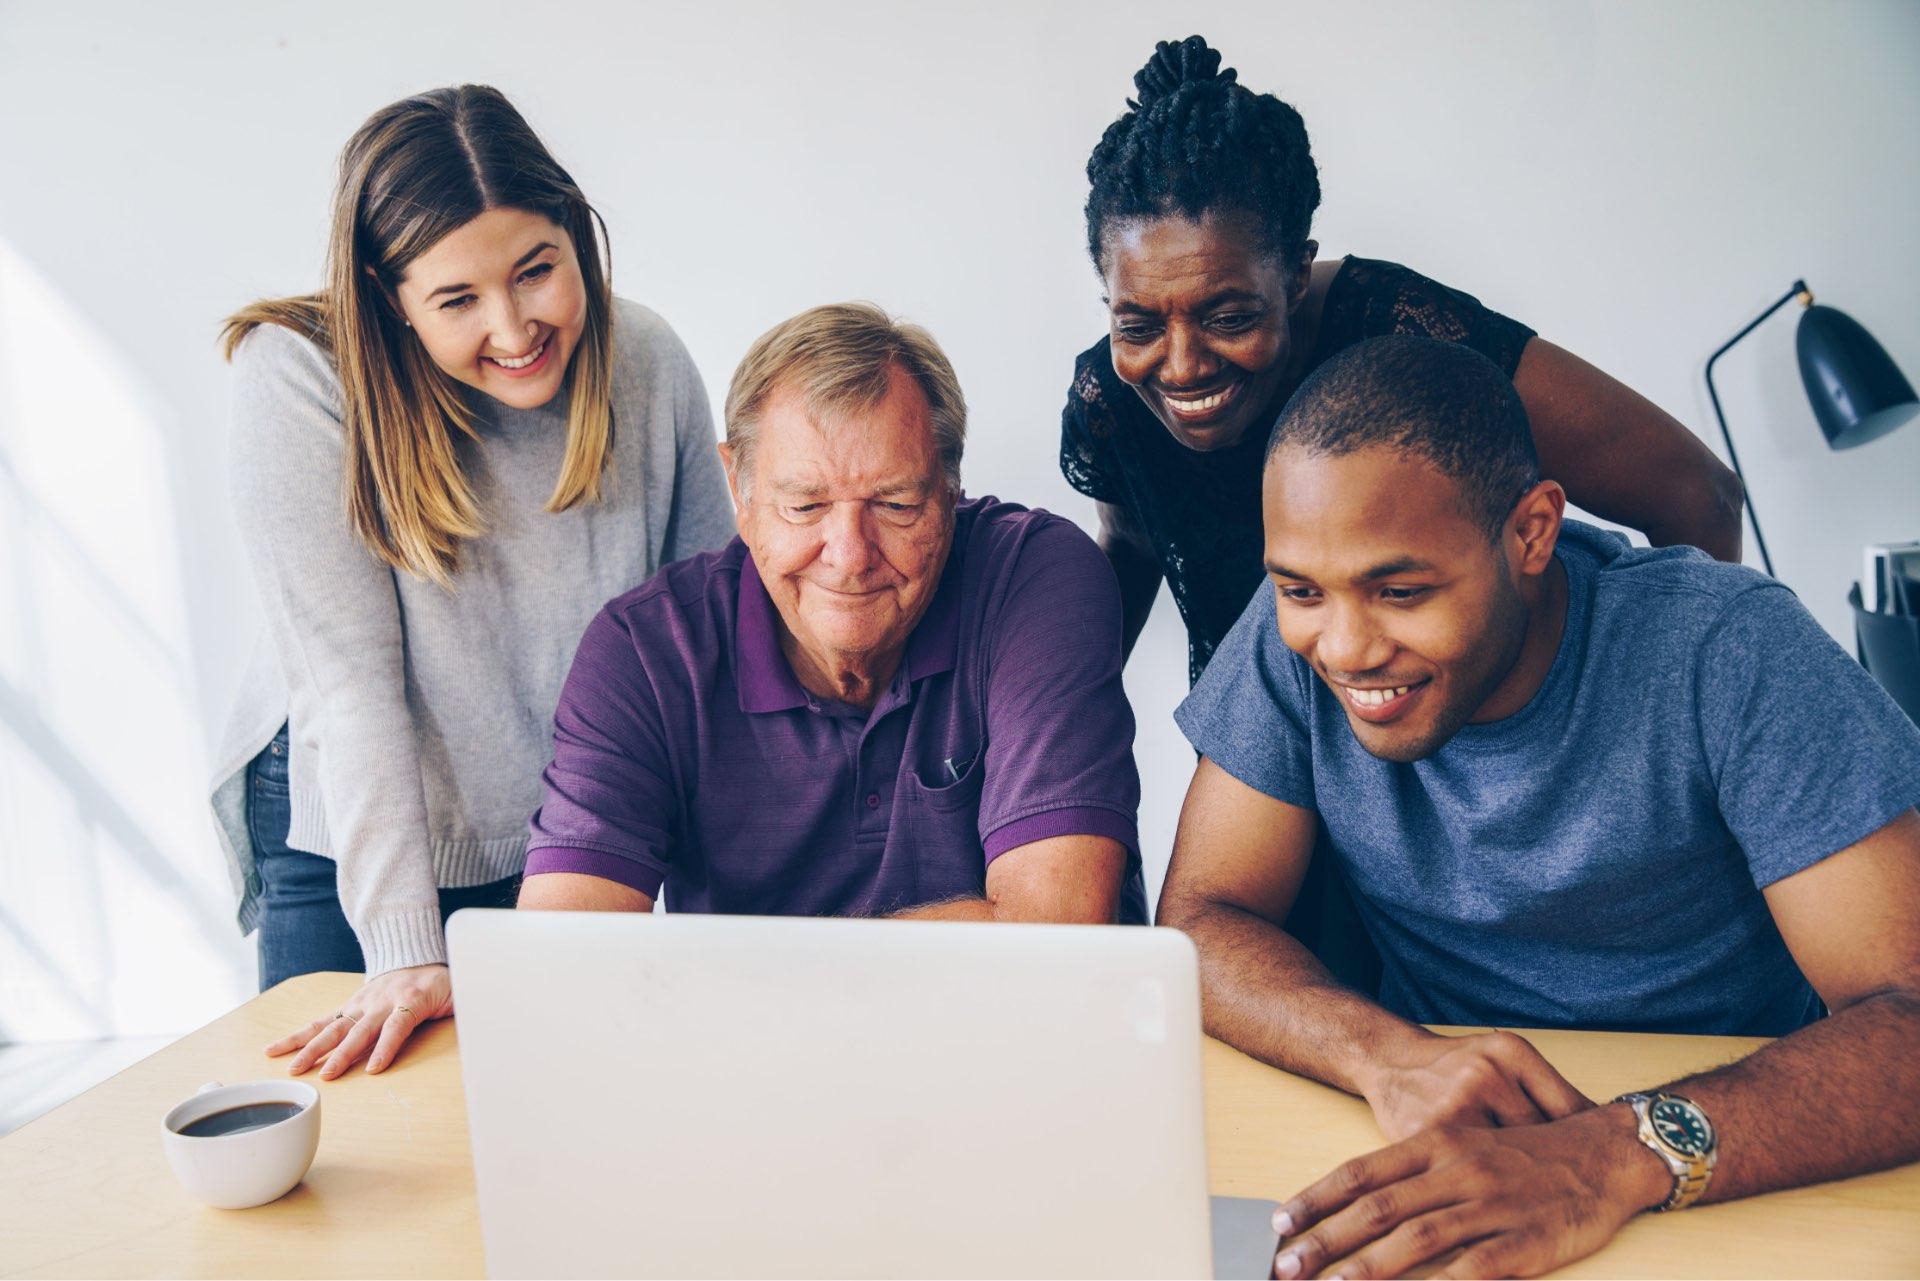 Quatro pessoas de diferentes idades e sexo olhando para a tela de um notebook.